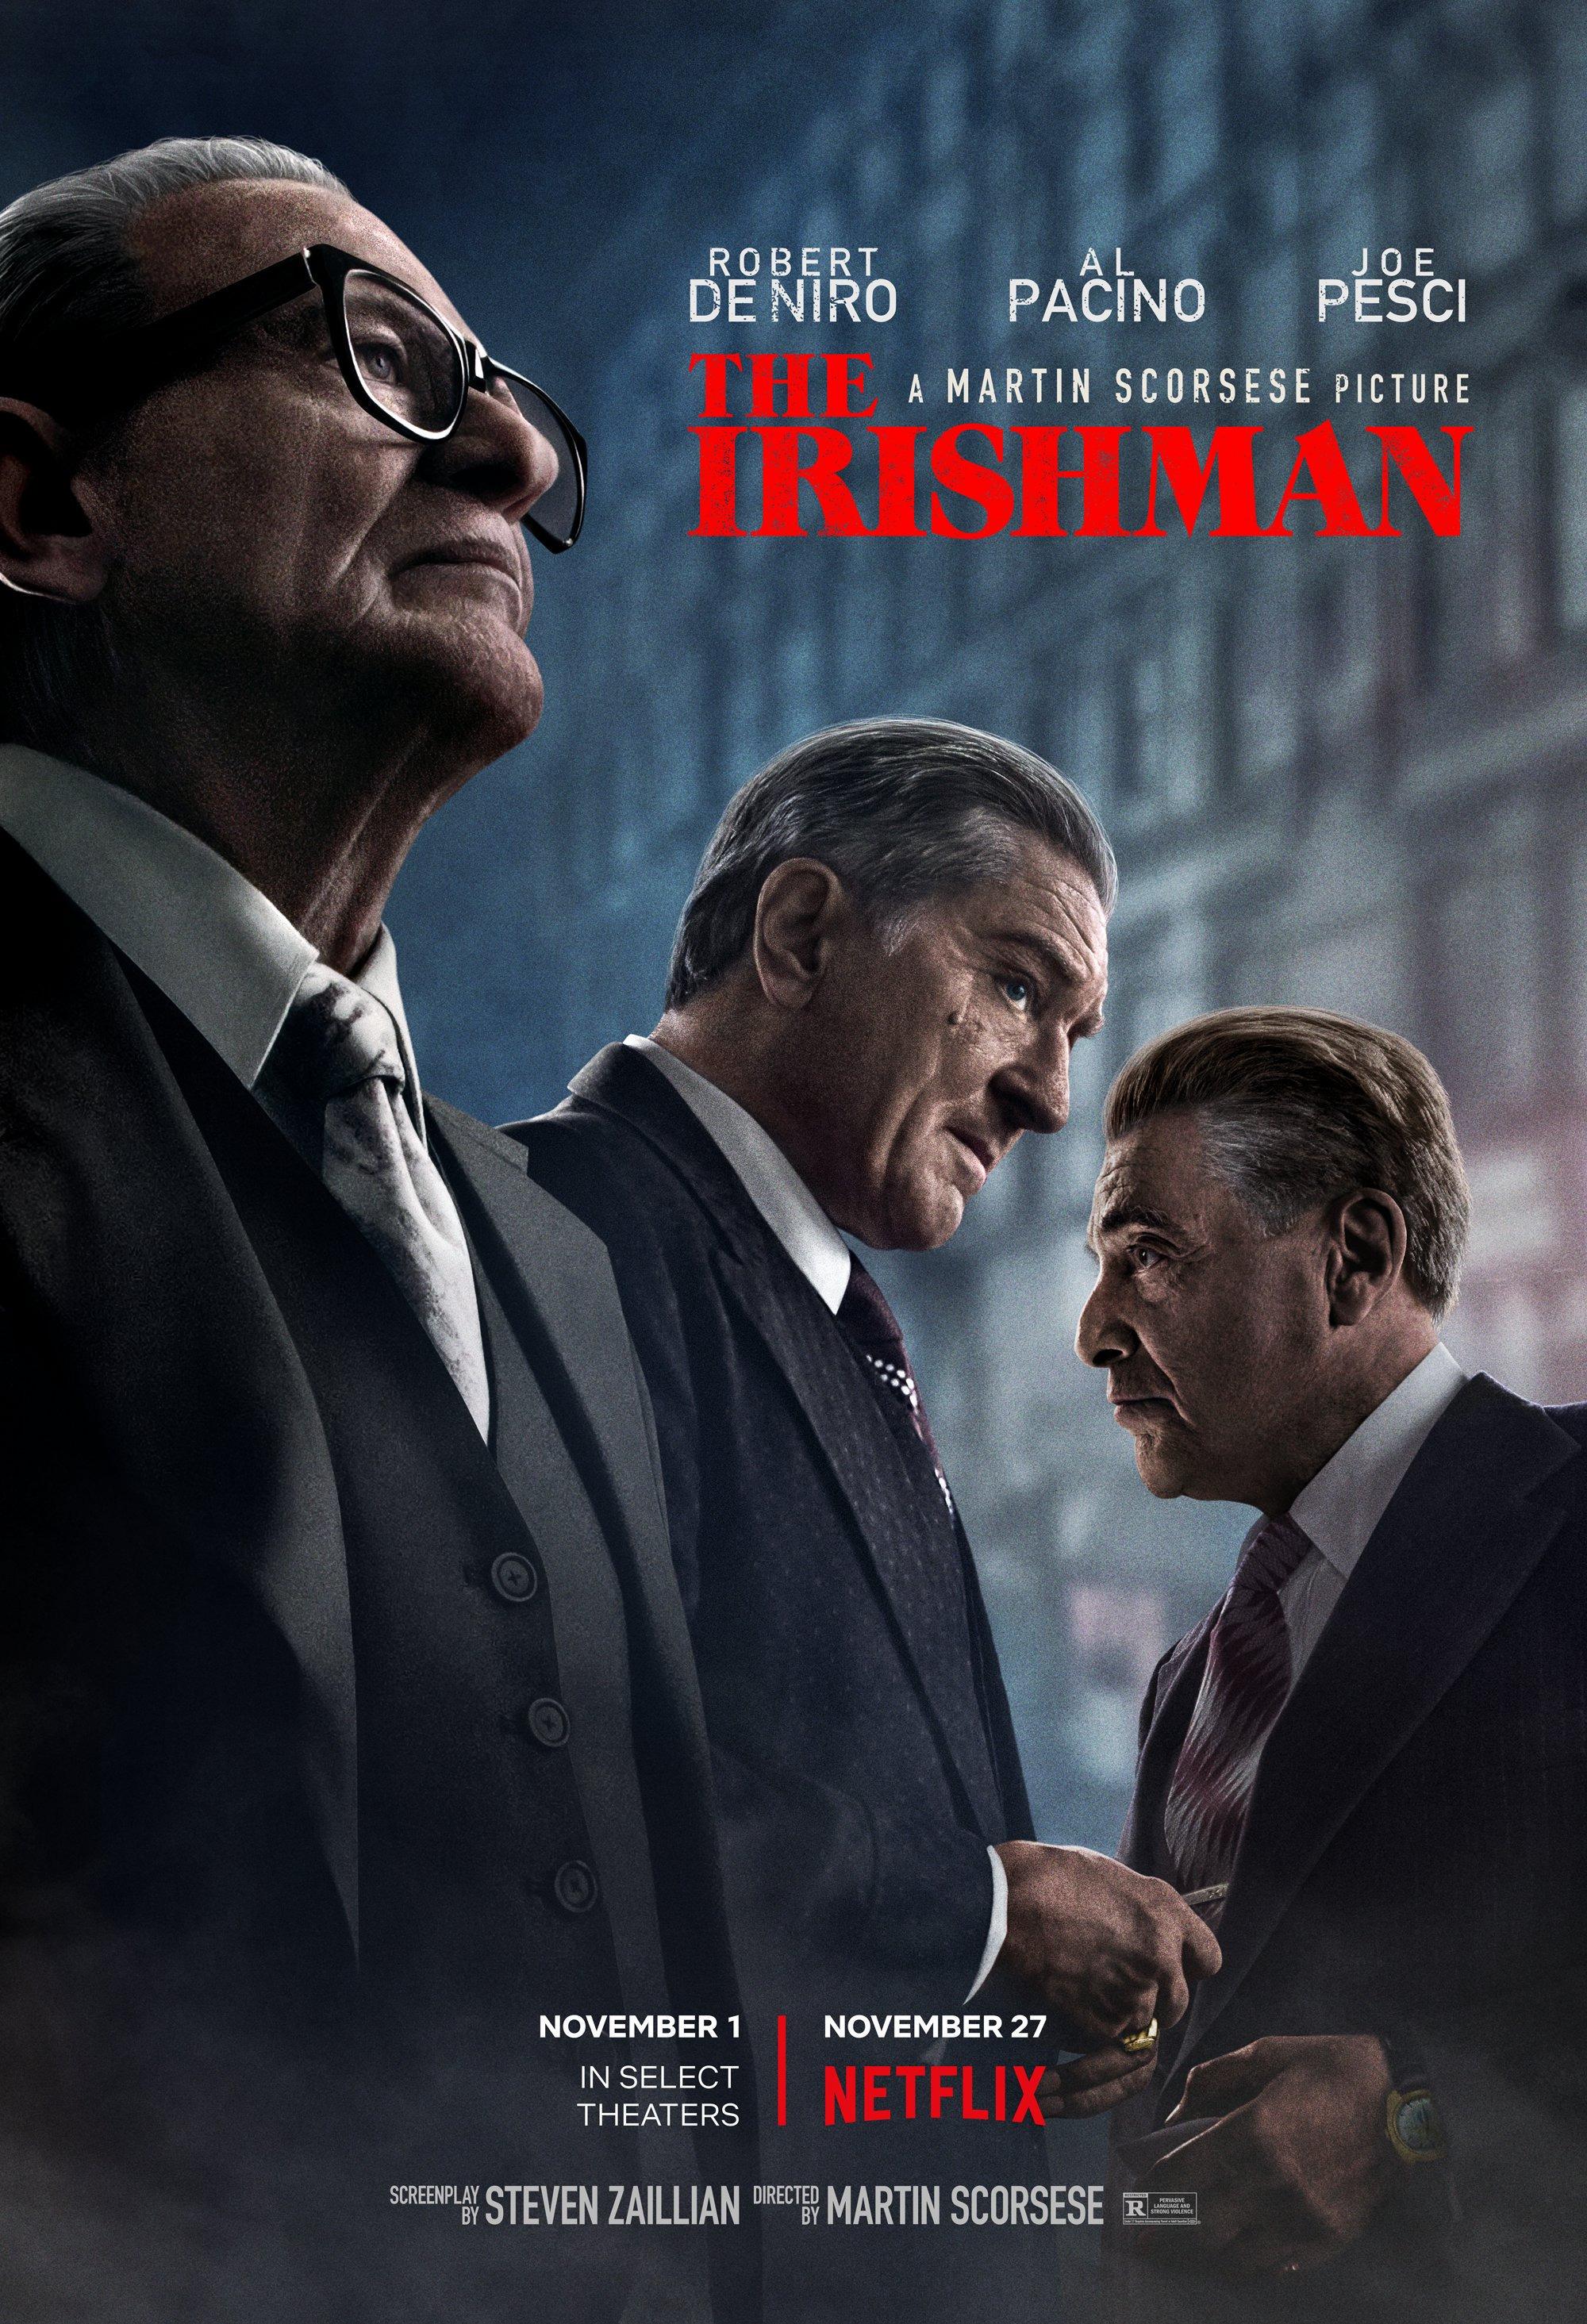 The Irishman fue vista por 13 millones de televidentes en Netflix